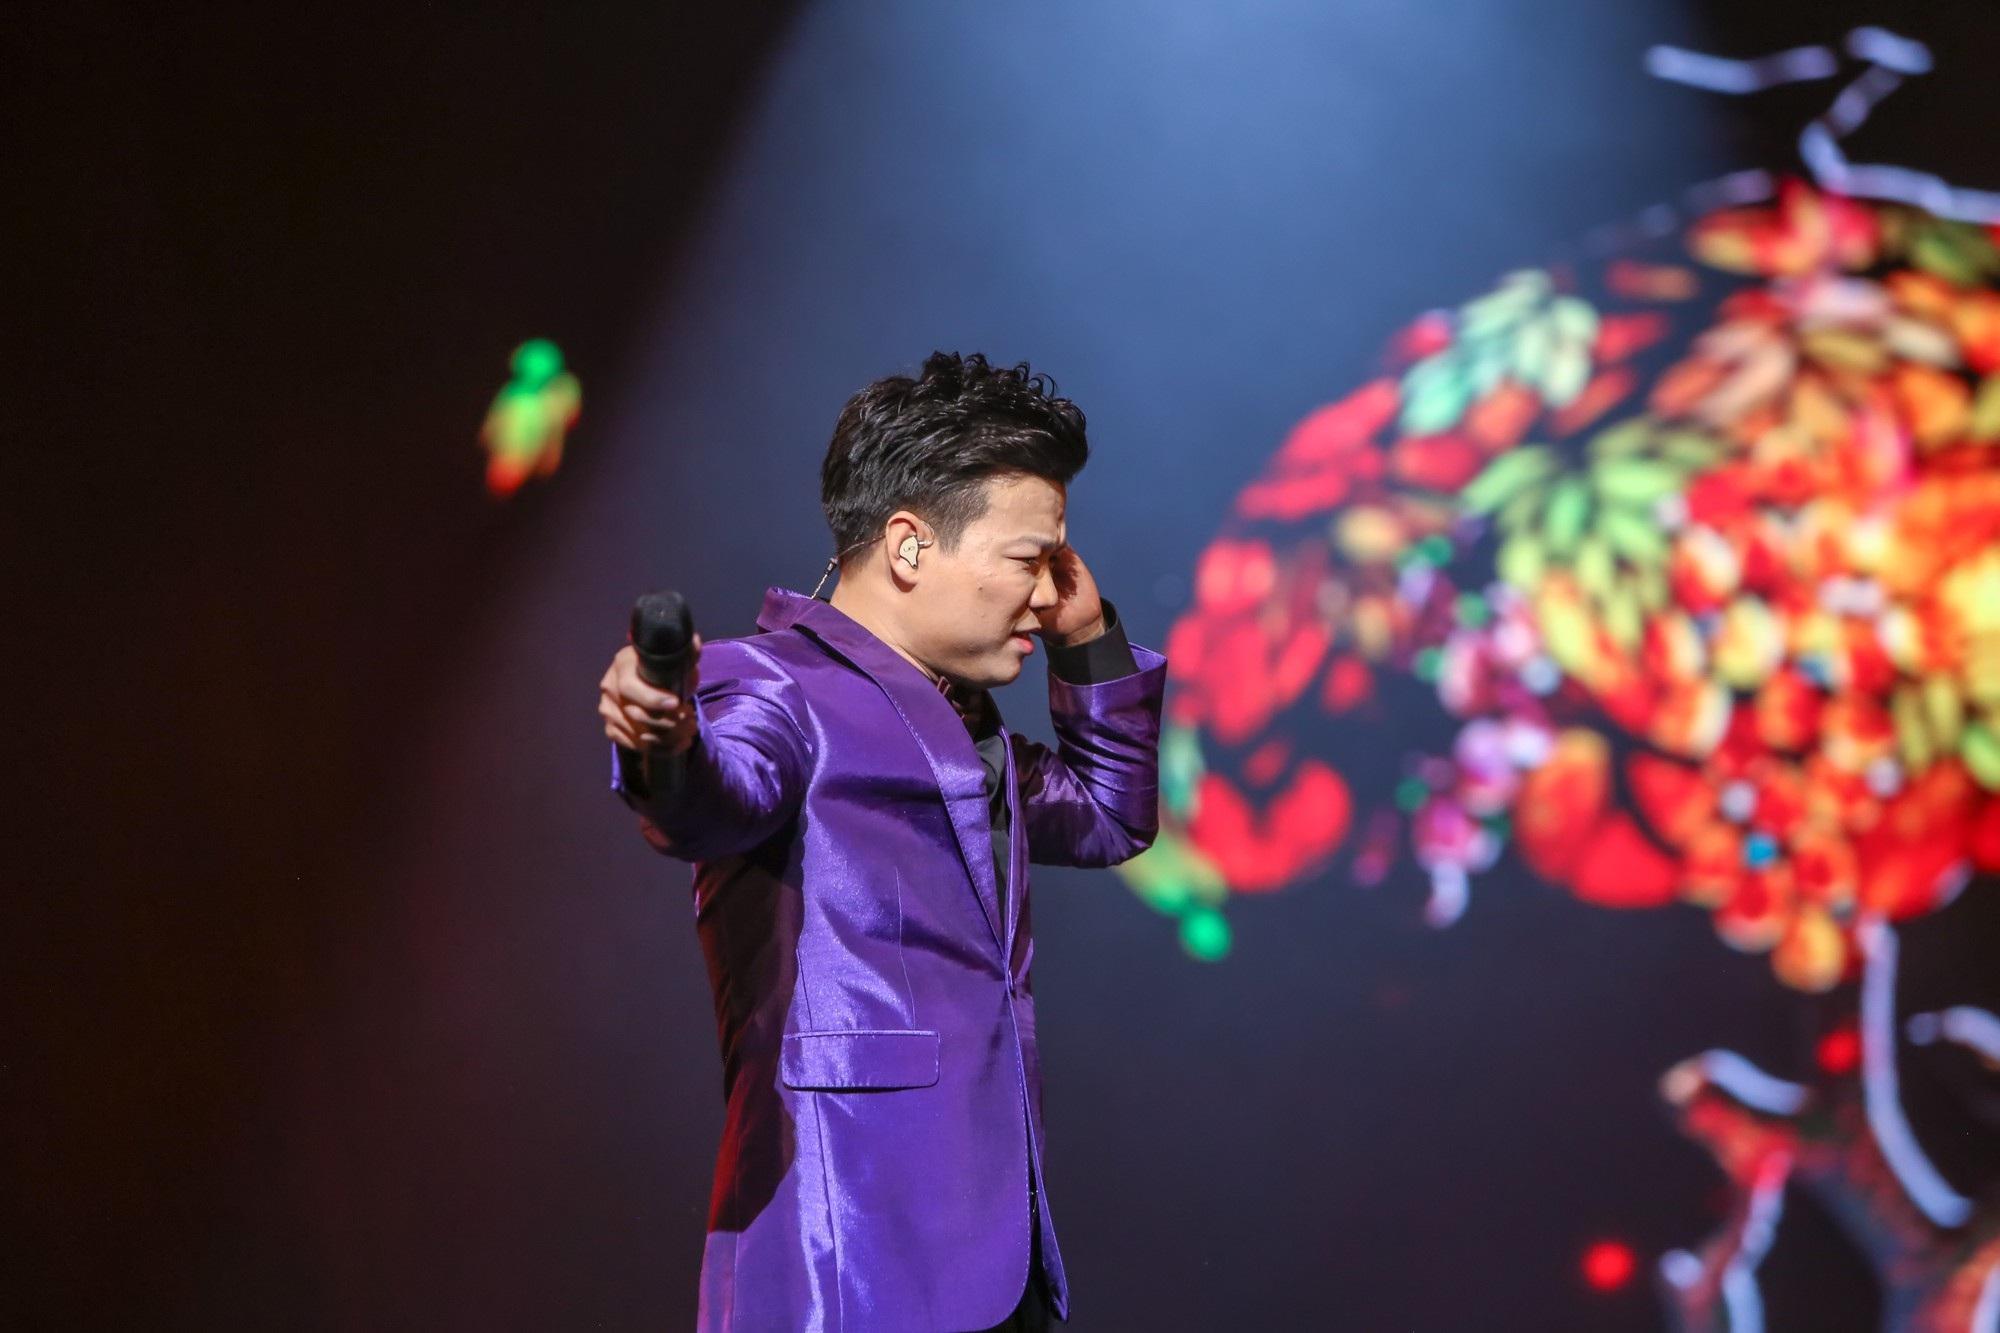 Ca sĩ Vũ Thắng Lợi bật khóc trên sân khấu khi nhắc đến bố mẹ - Ảnh 11.